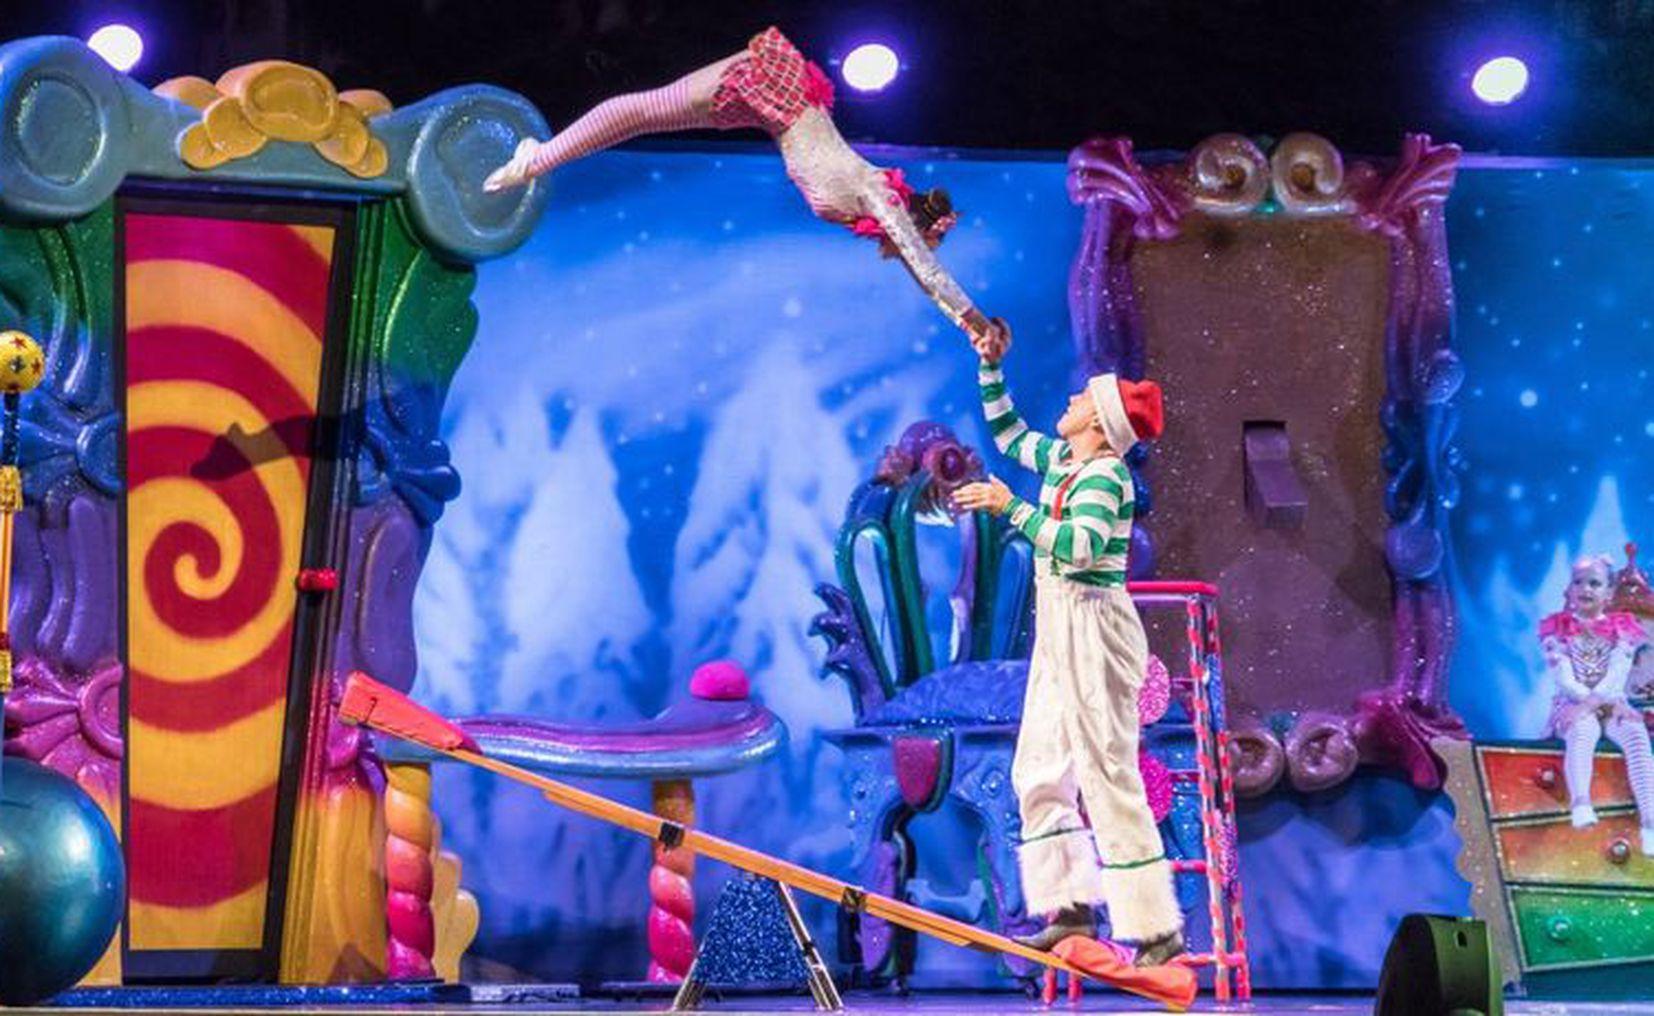 Cirque du Soleil solicita protección por bancarrota ante cancelación de shows